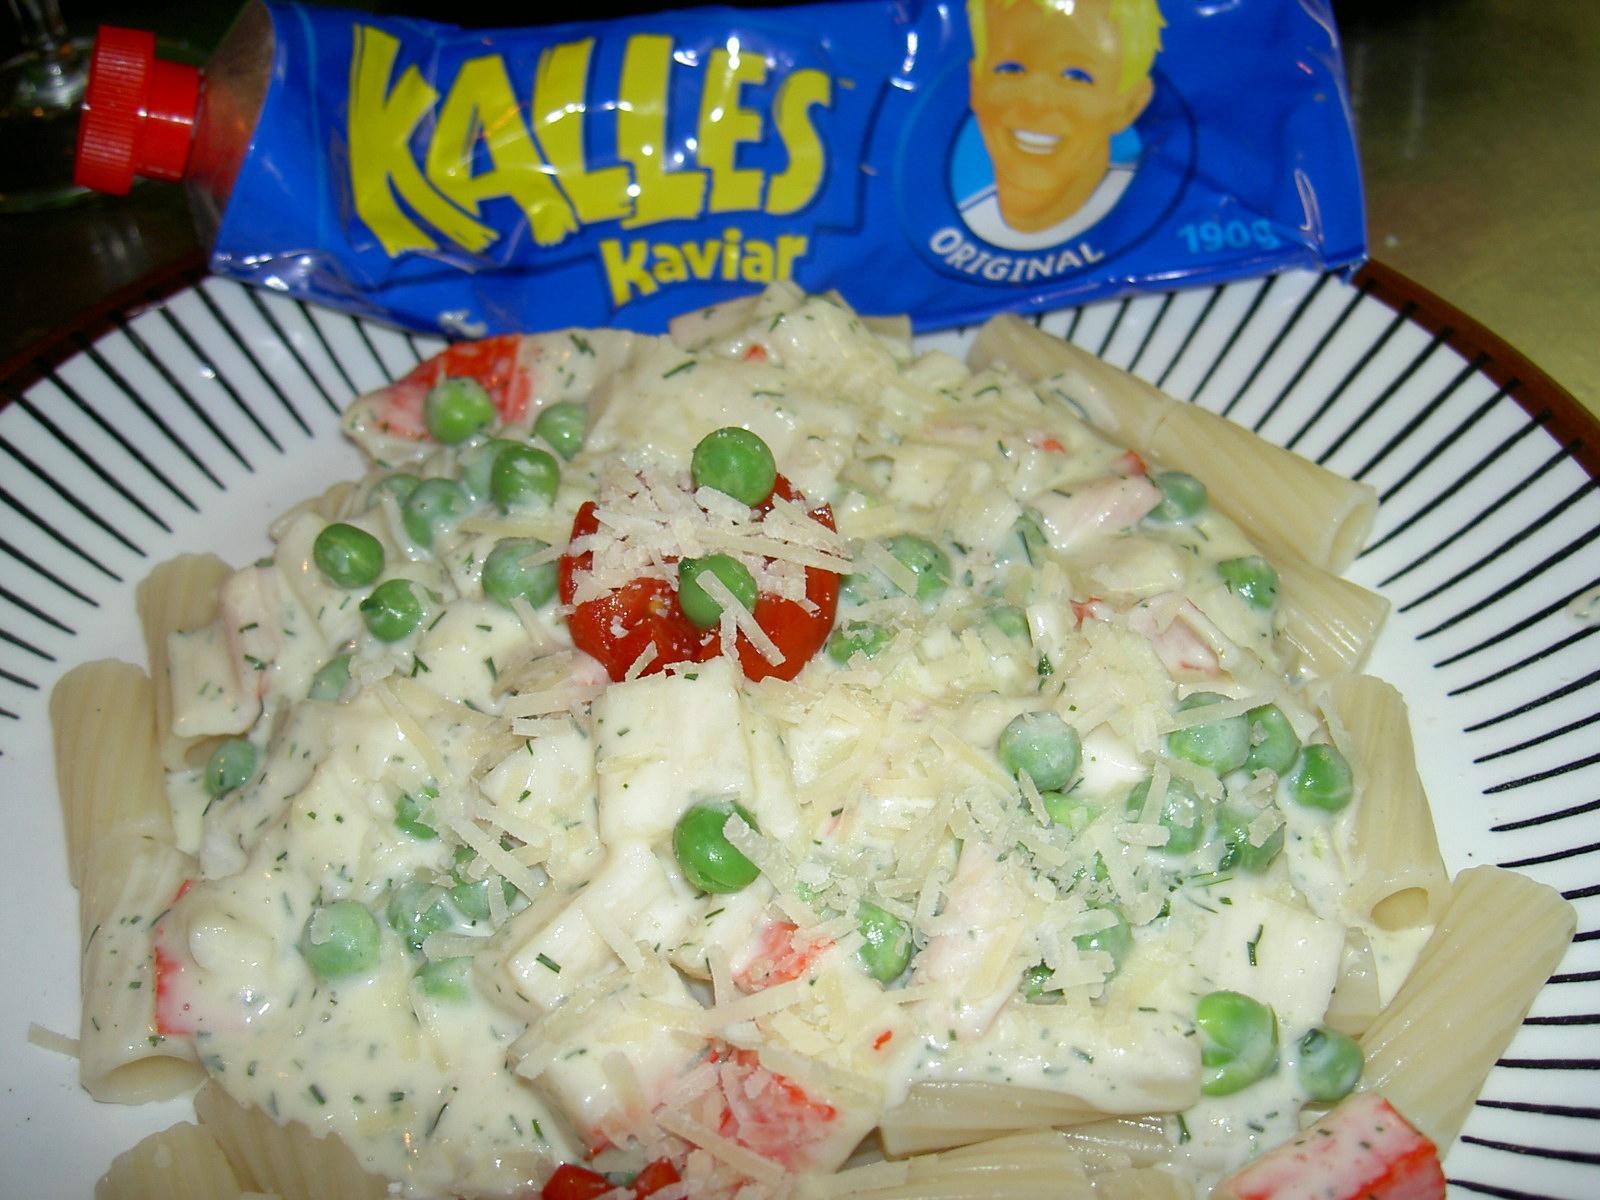 Kalles pastasås